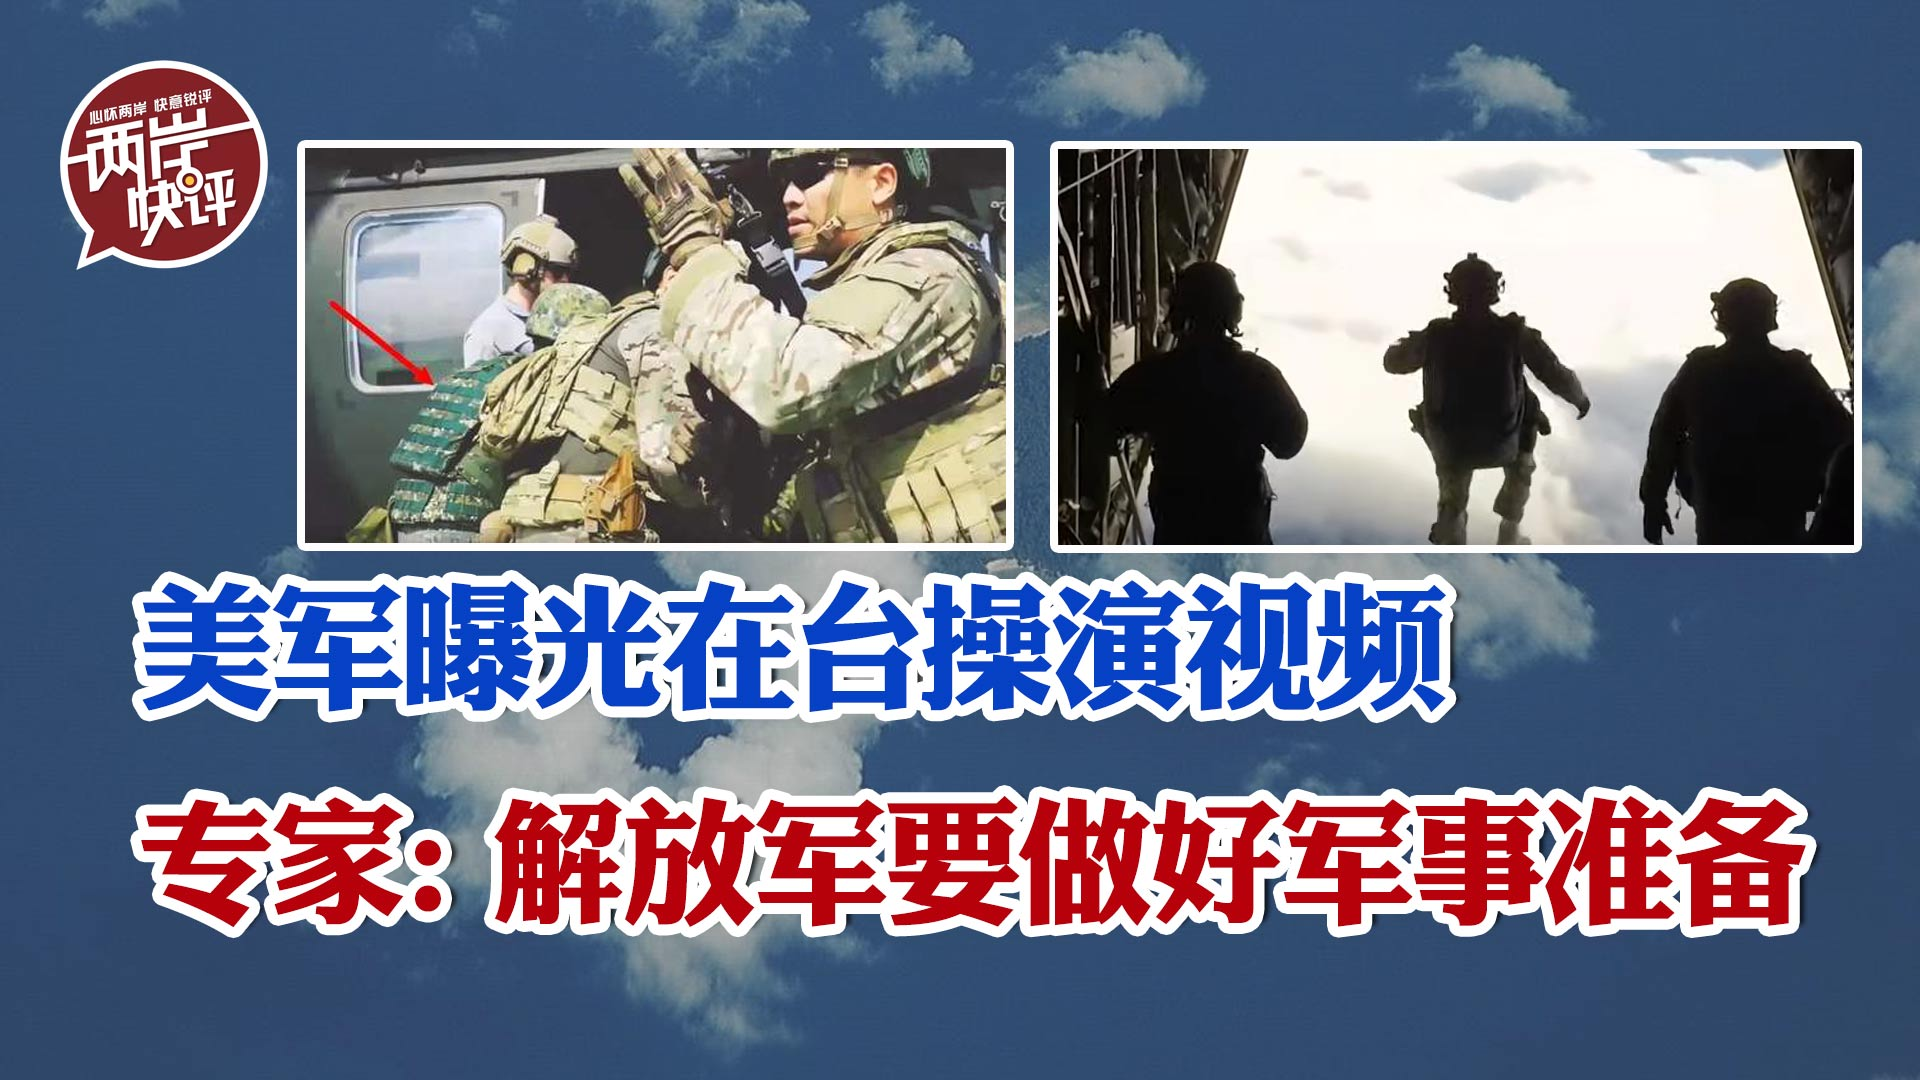 居心叵測!美軍曝光在臺操演視頻,專家:解放軍要做好軍事準備圖片